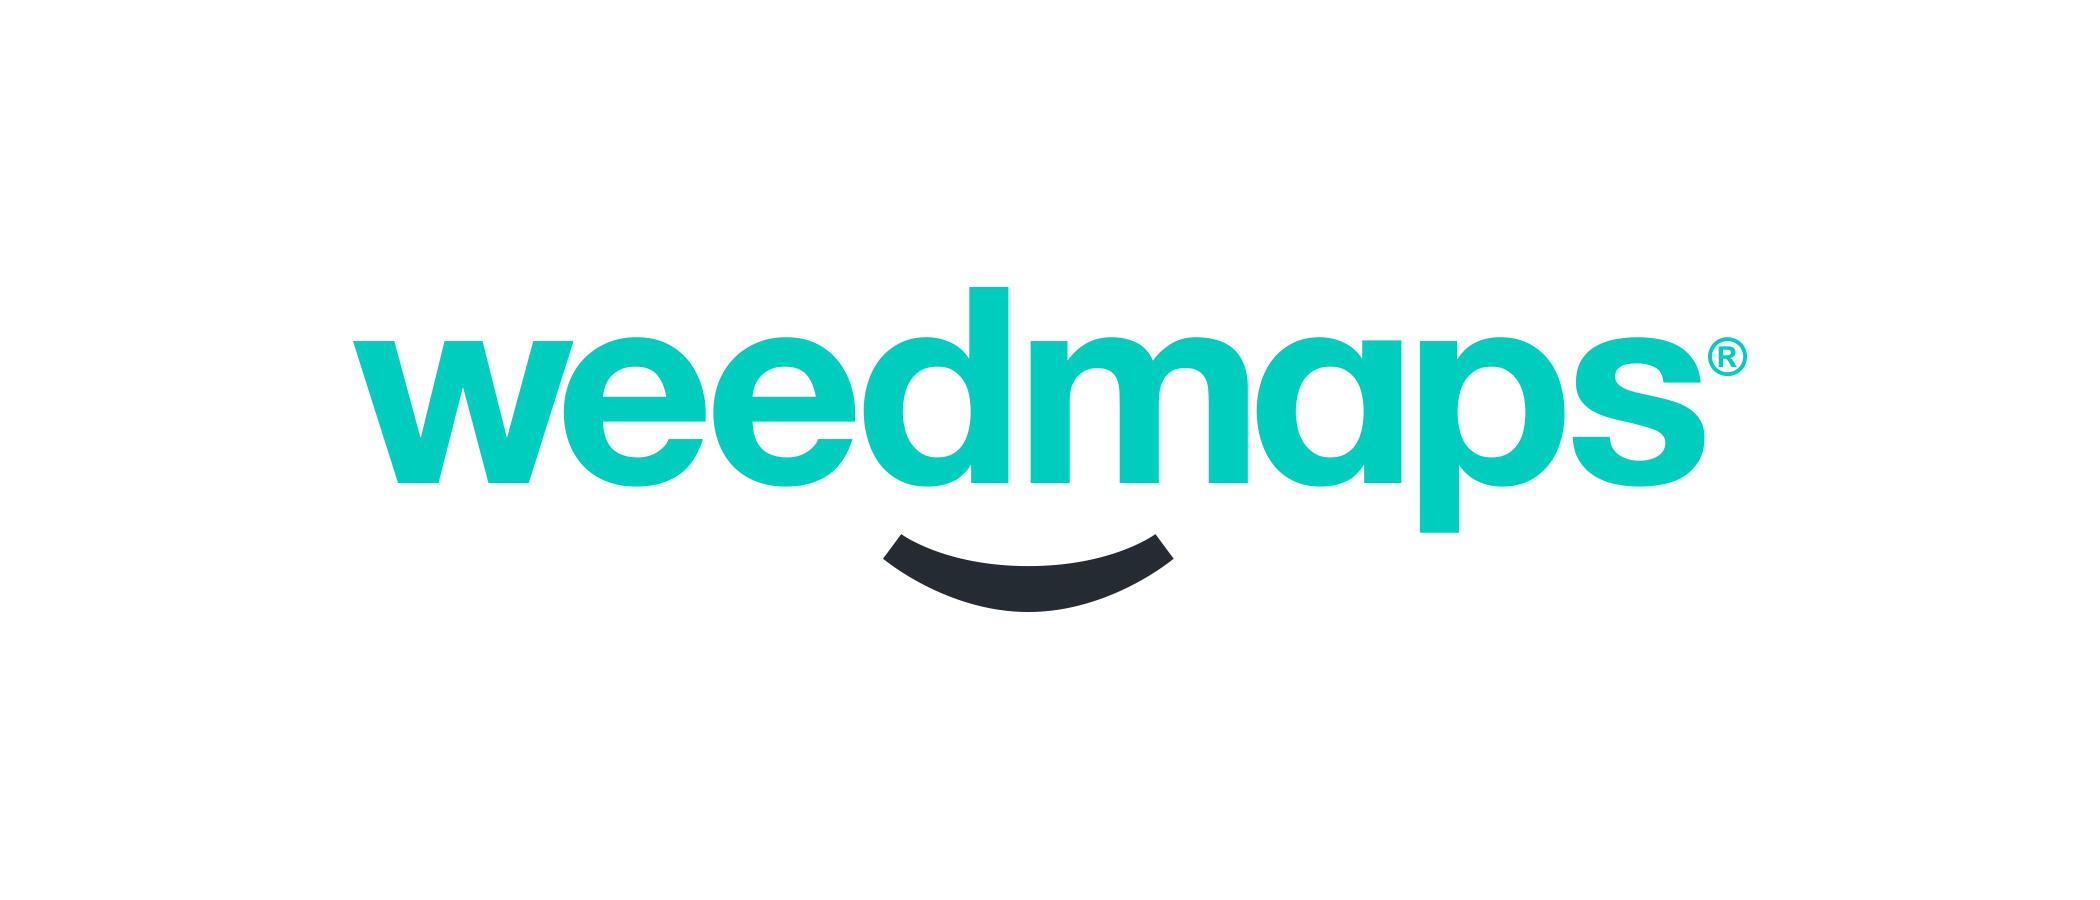 Weedmaps_Logo_2020_WhtBgrd